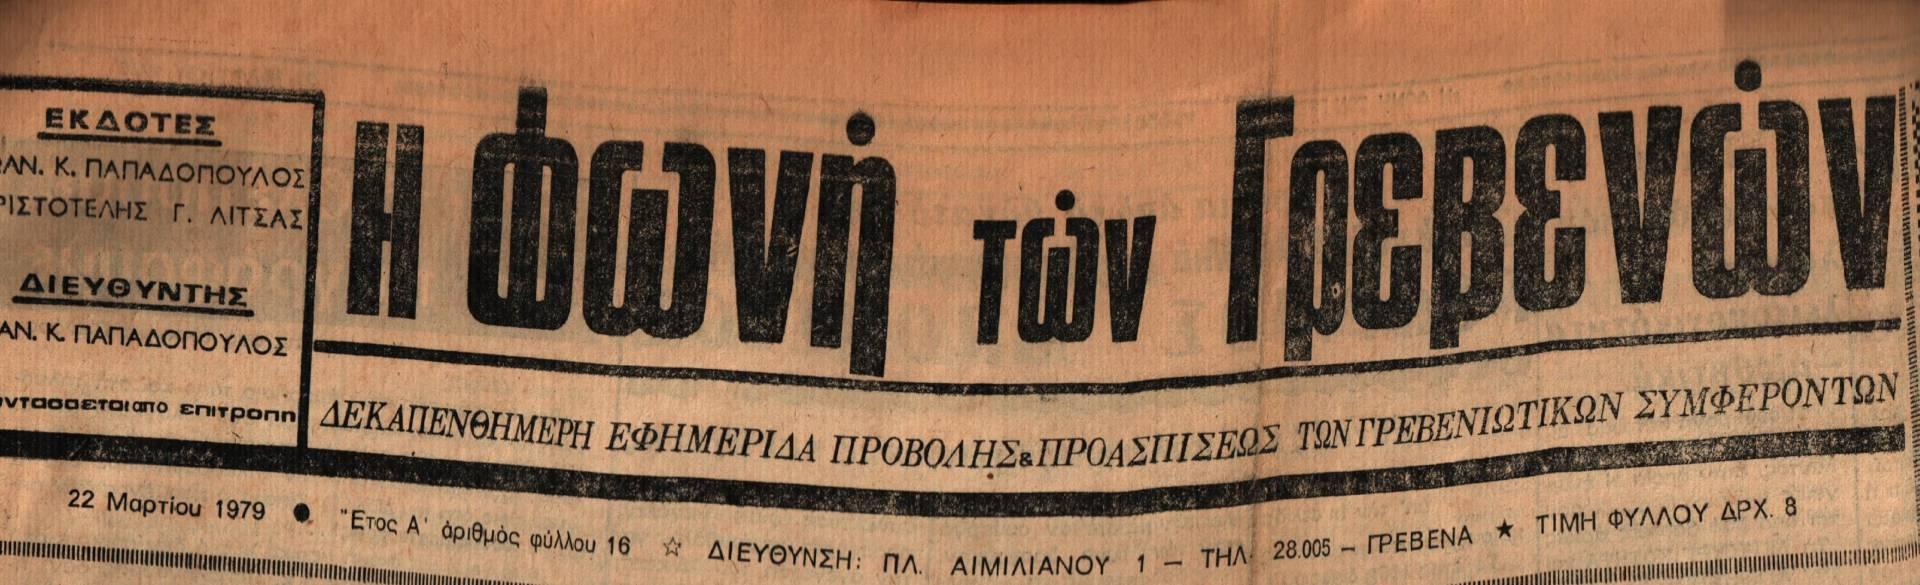 22 Μαρτίου 1979: Η ιστορία των Γρεβενών μέσα από τον Τοπικό Τύπο.Σήμερα: Απάντηση υπουργού στον κ. Παπαθεμελή